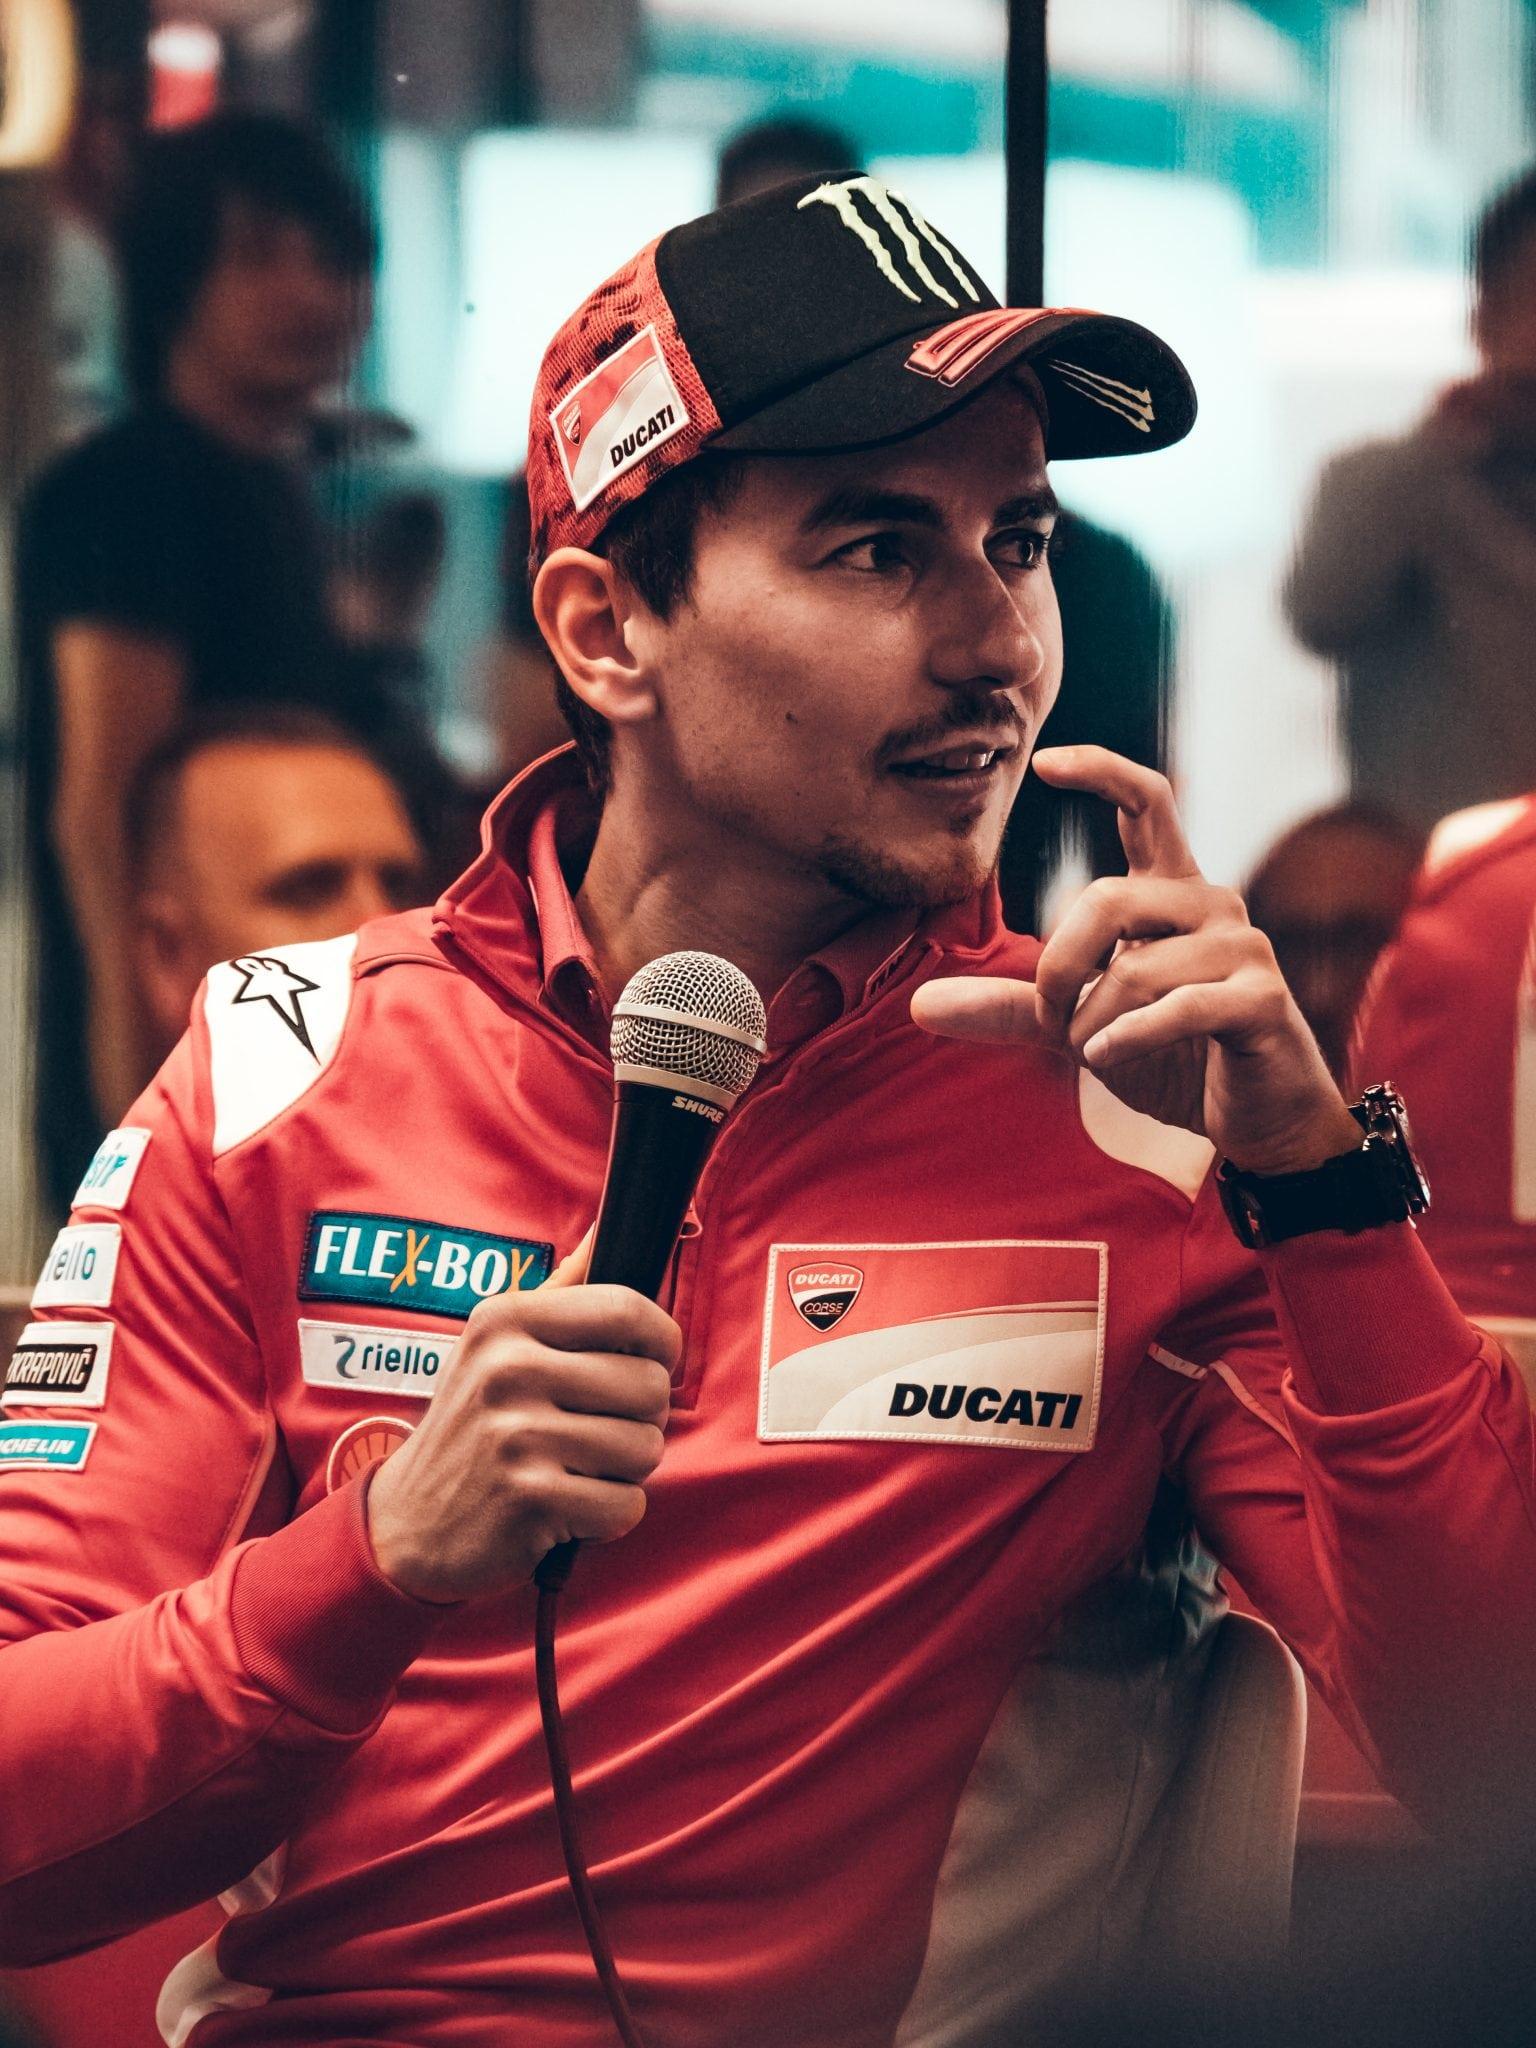 شراكة لينوفو مع فريق Ducati